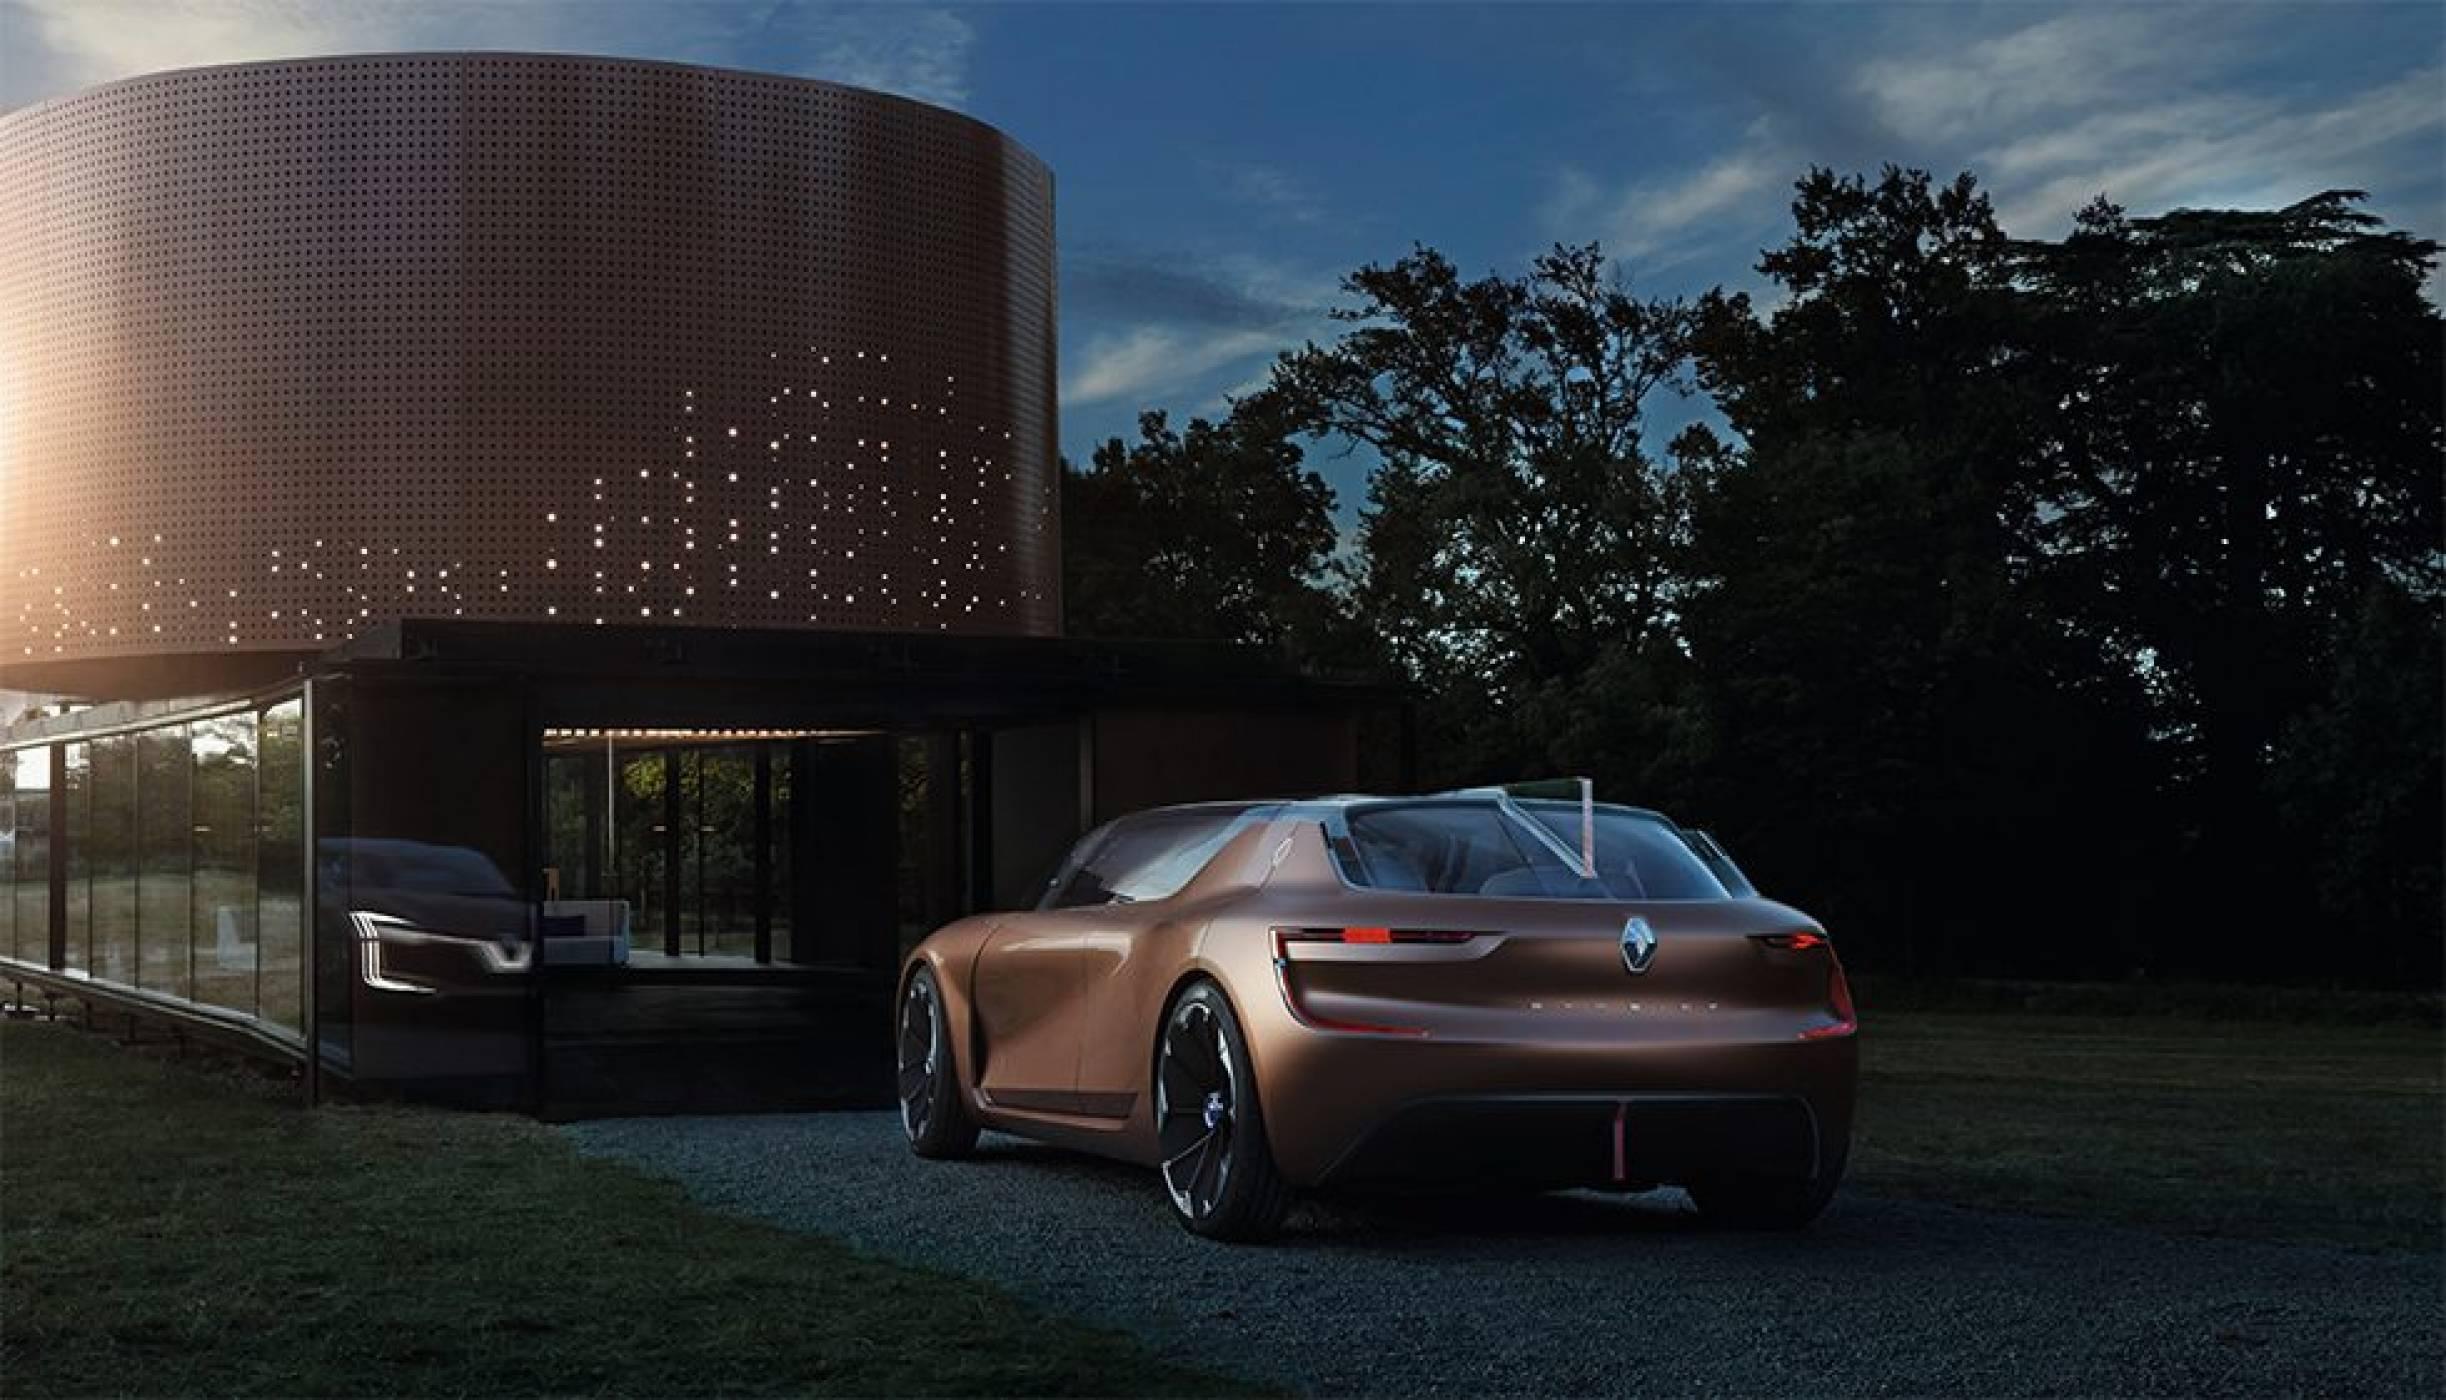 Renault SYMBIOZ е кола и къща, които съществуват в перфектна хармония